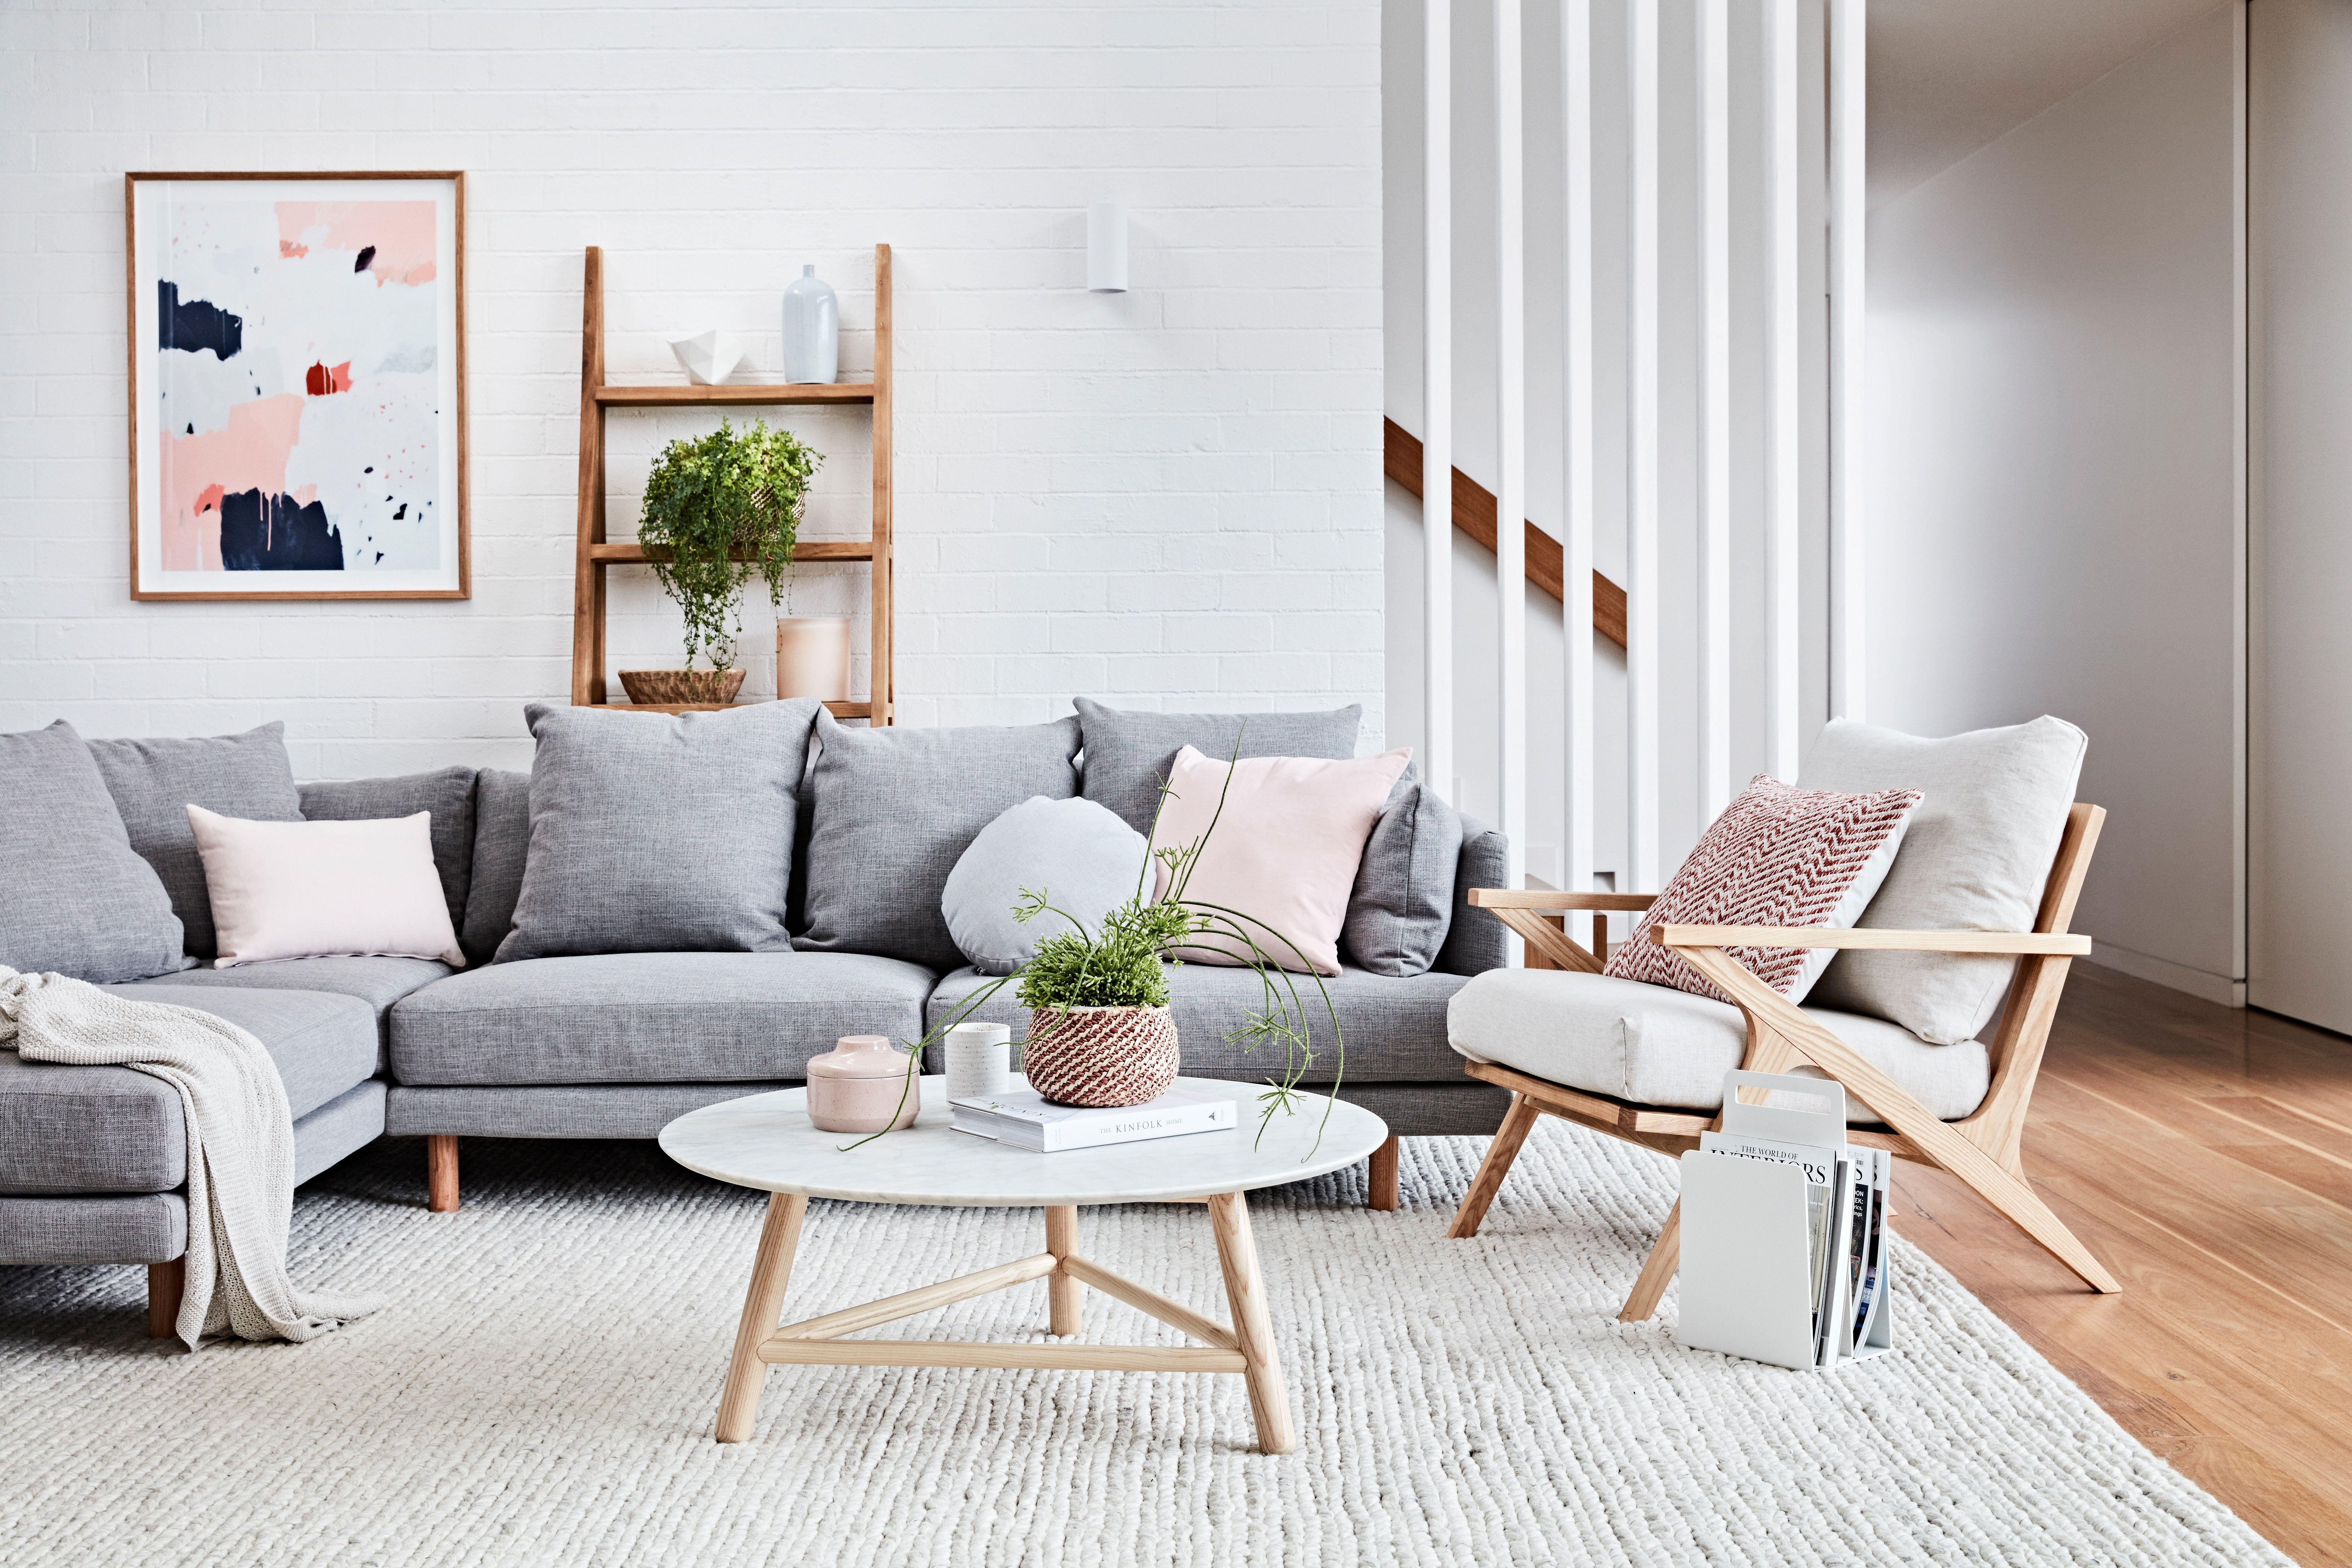 Vittoria Iris Modular Sofa In Melbourne Living Room In